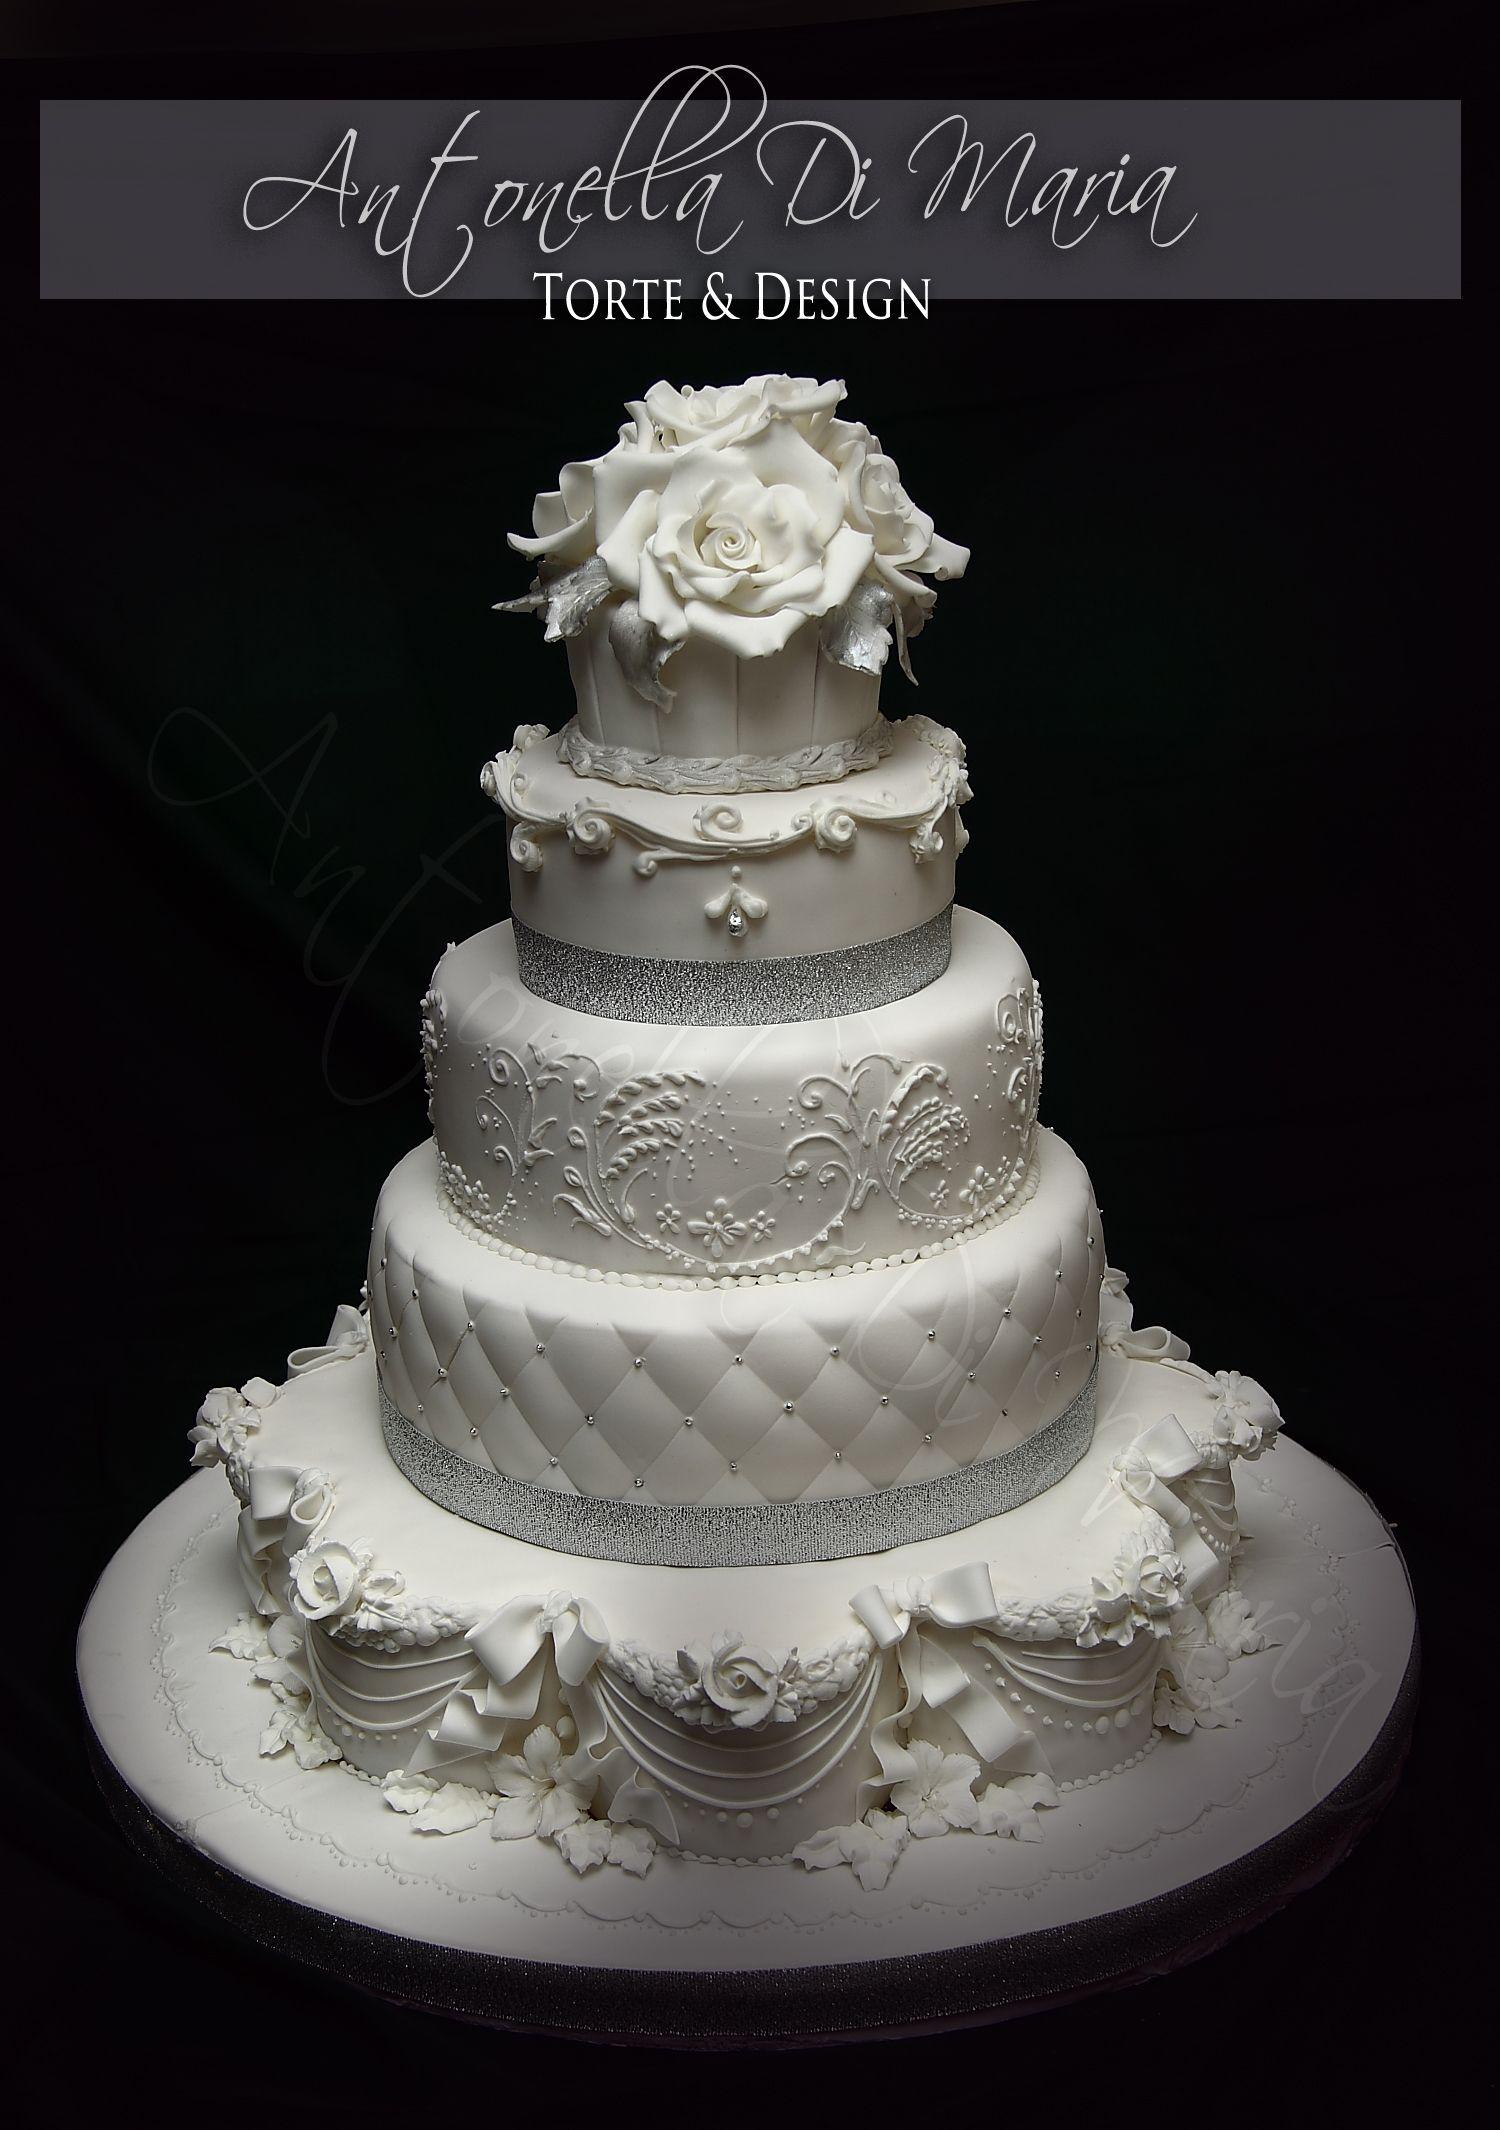 Antonella di maria torte u design cakes cakes i love